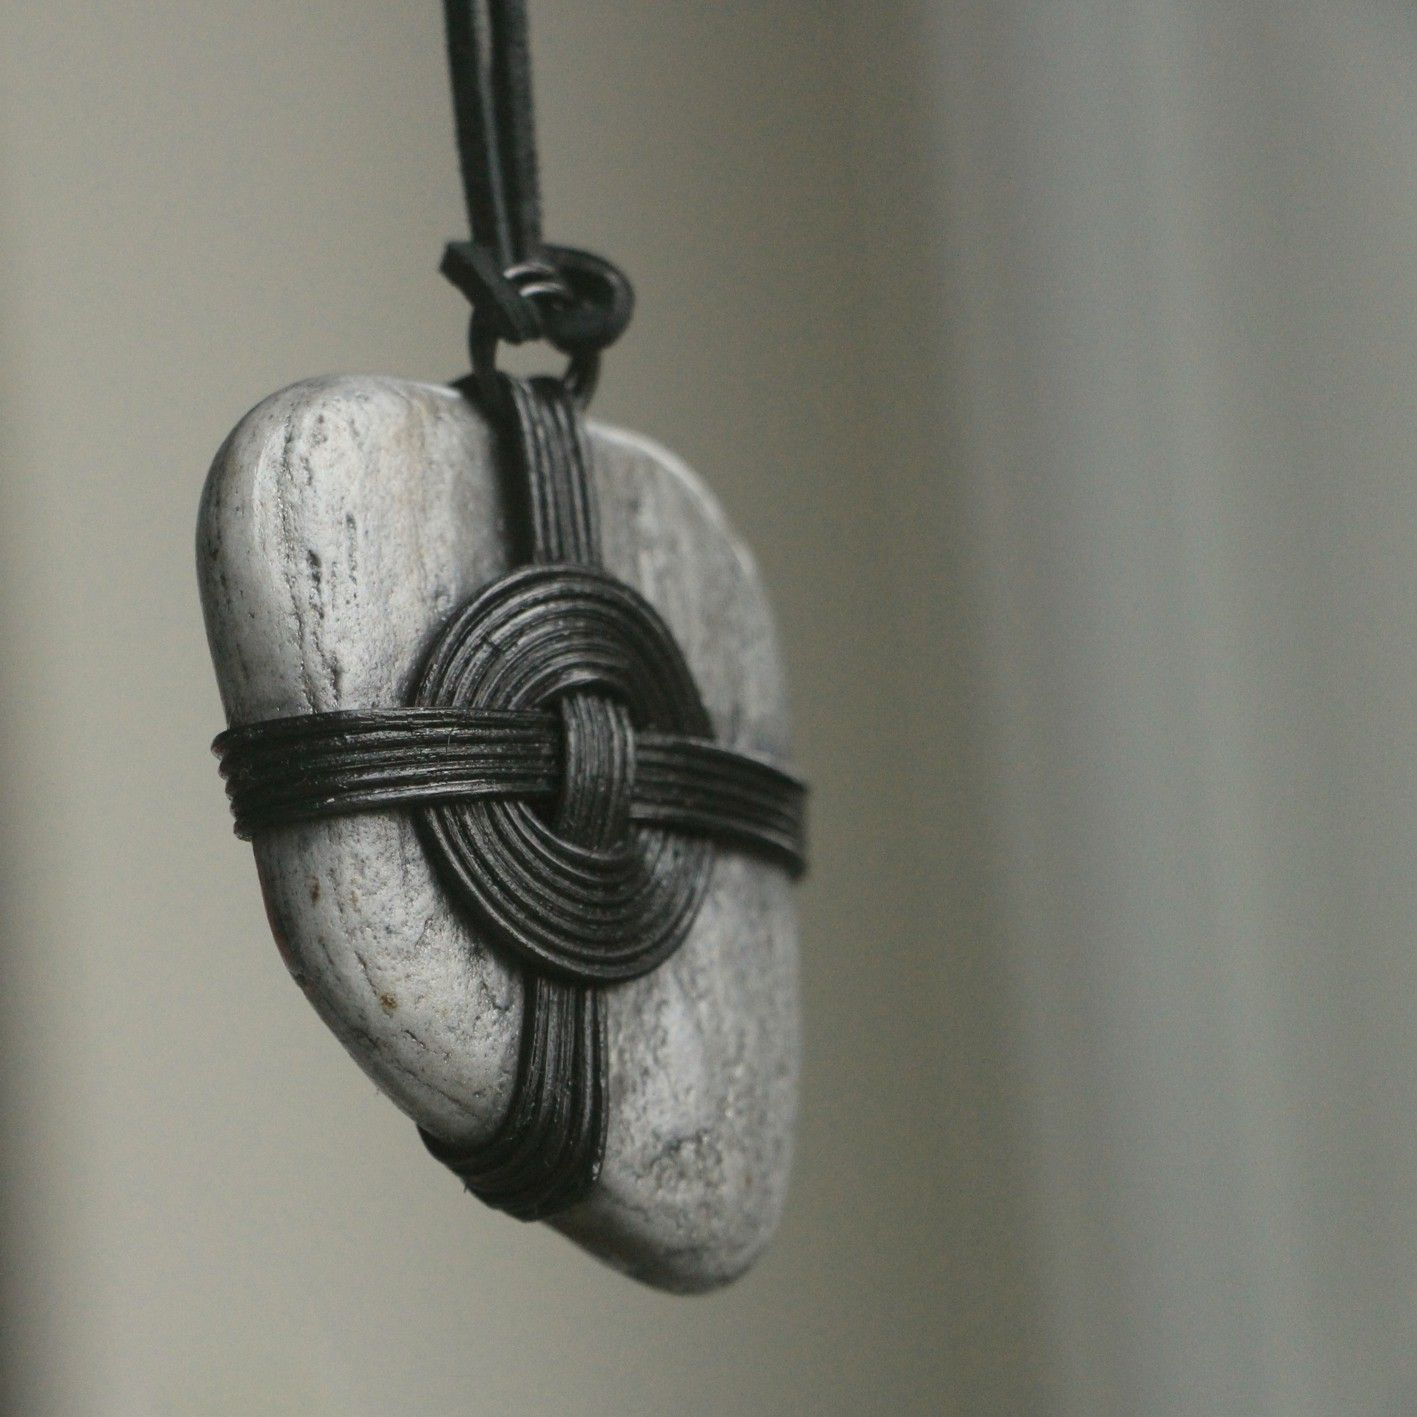 V objetí Šperk je tvořen sloučením dvou zjevně odlišných přírodních materiálů, a to kamene a pedigu. Neslučitelnost je zdánlivá, protože kámen dodá šperku barvu a tvar a pedig jej zjemní. Vlastní kresba a struktura kamene šperk neopakovatelně zkrášlí. Šperk je celo-plošně lakován a zavěšen na černé hranaté kůži, která je cca 1 m dlouhá. Kámen je...